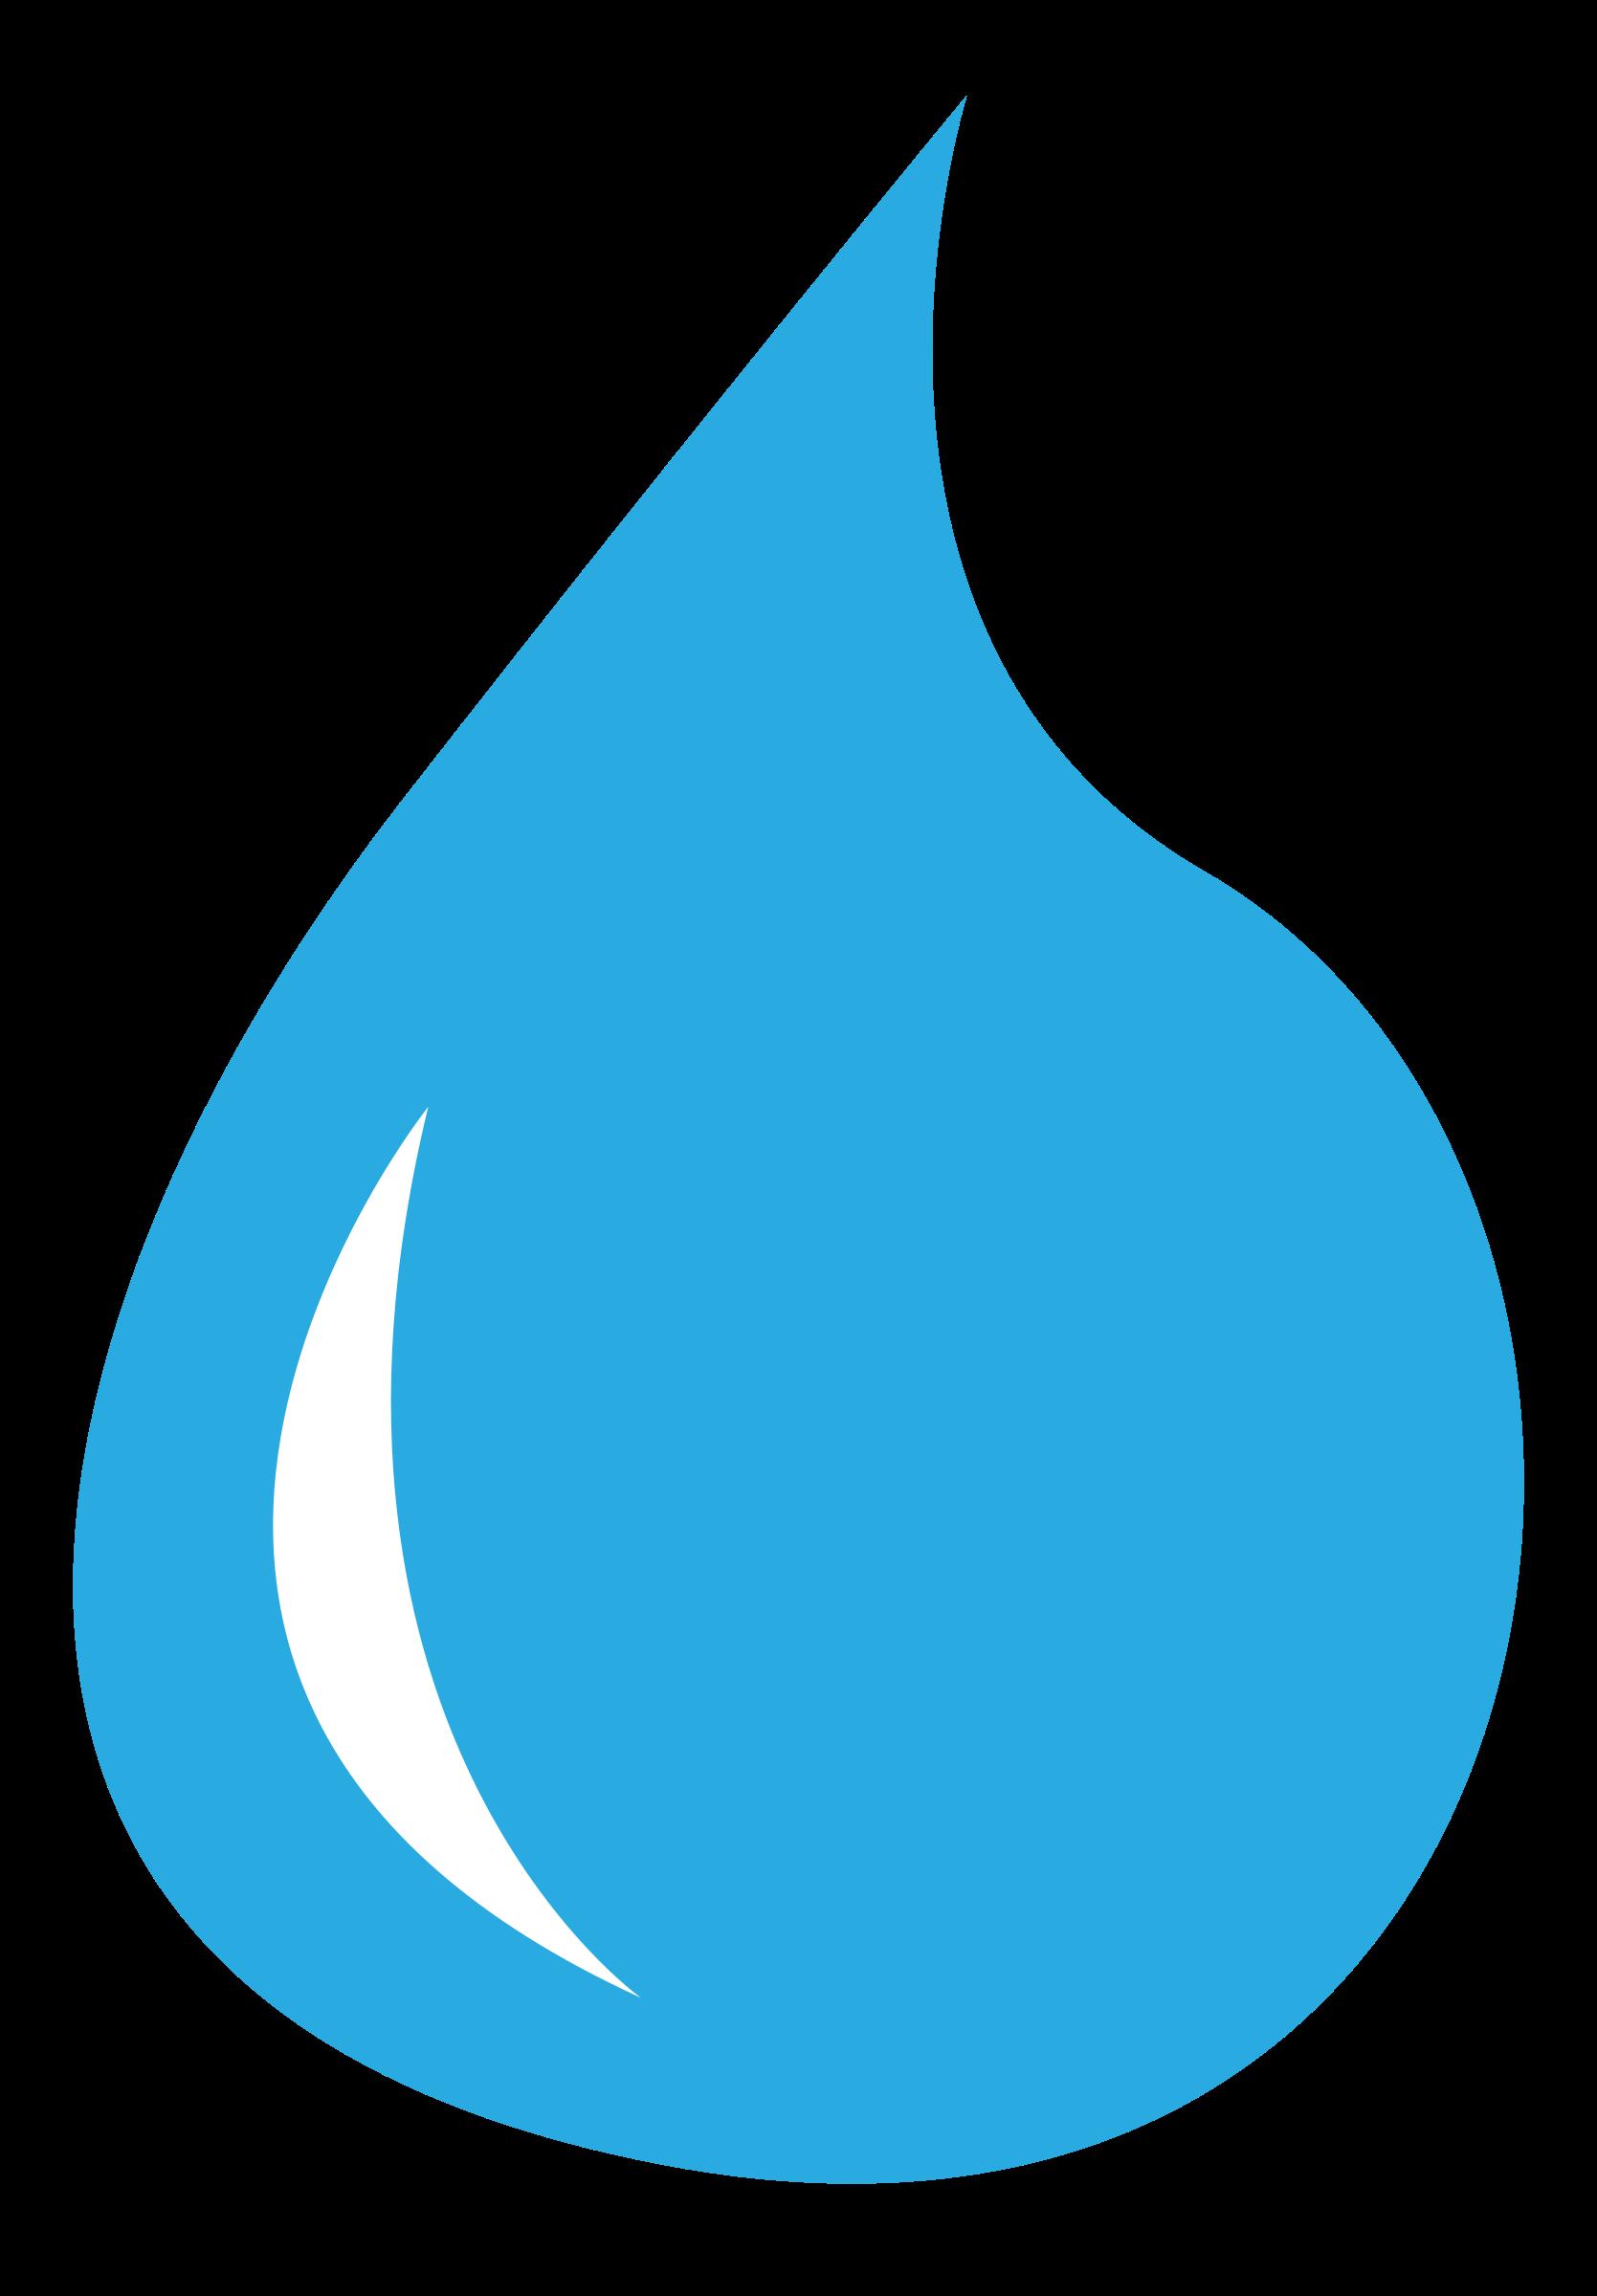 Water Drop Vector Png - ClipArt Best